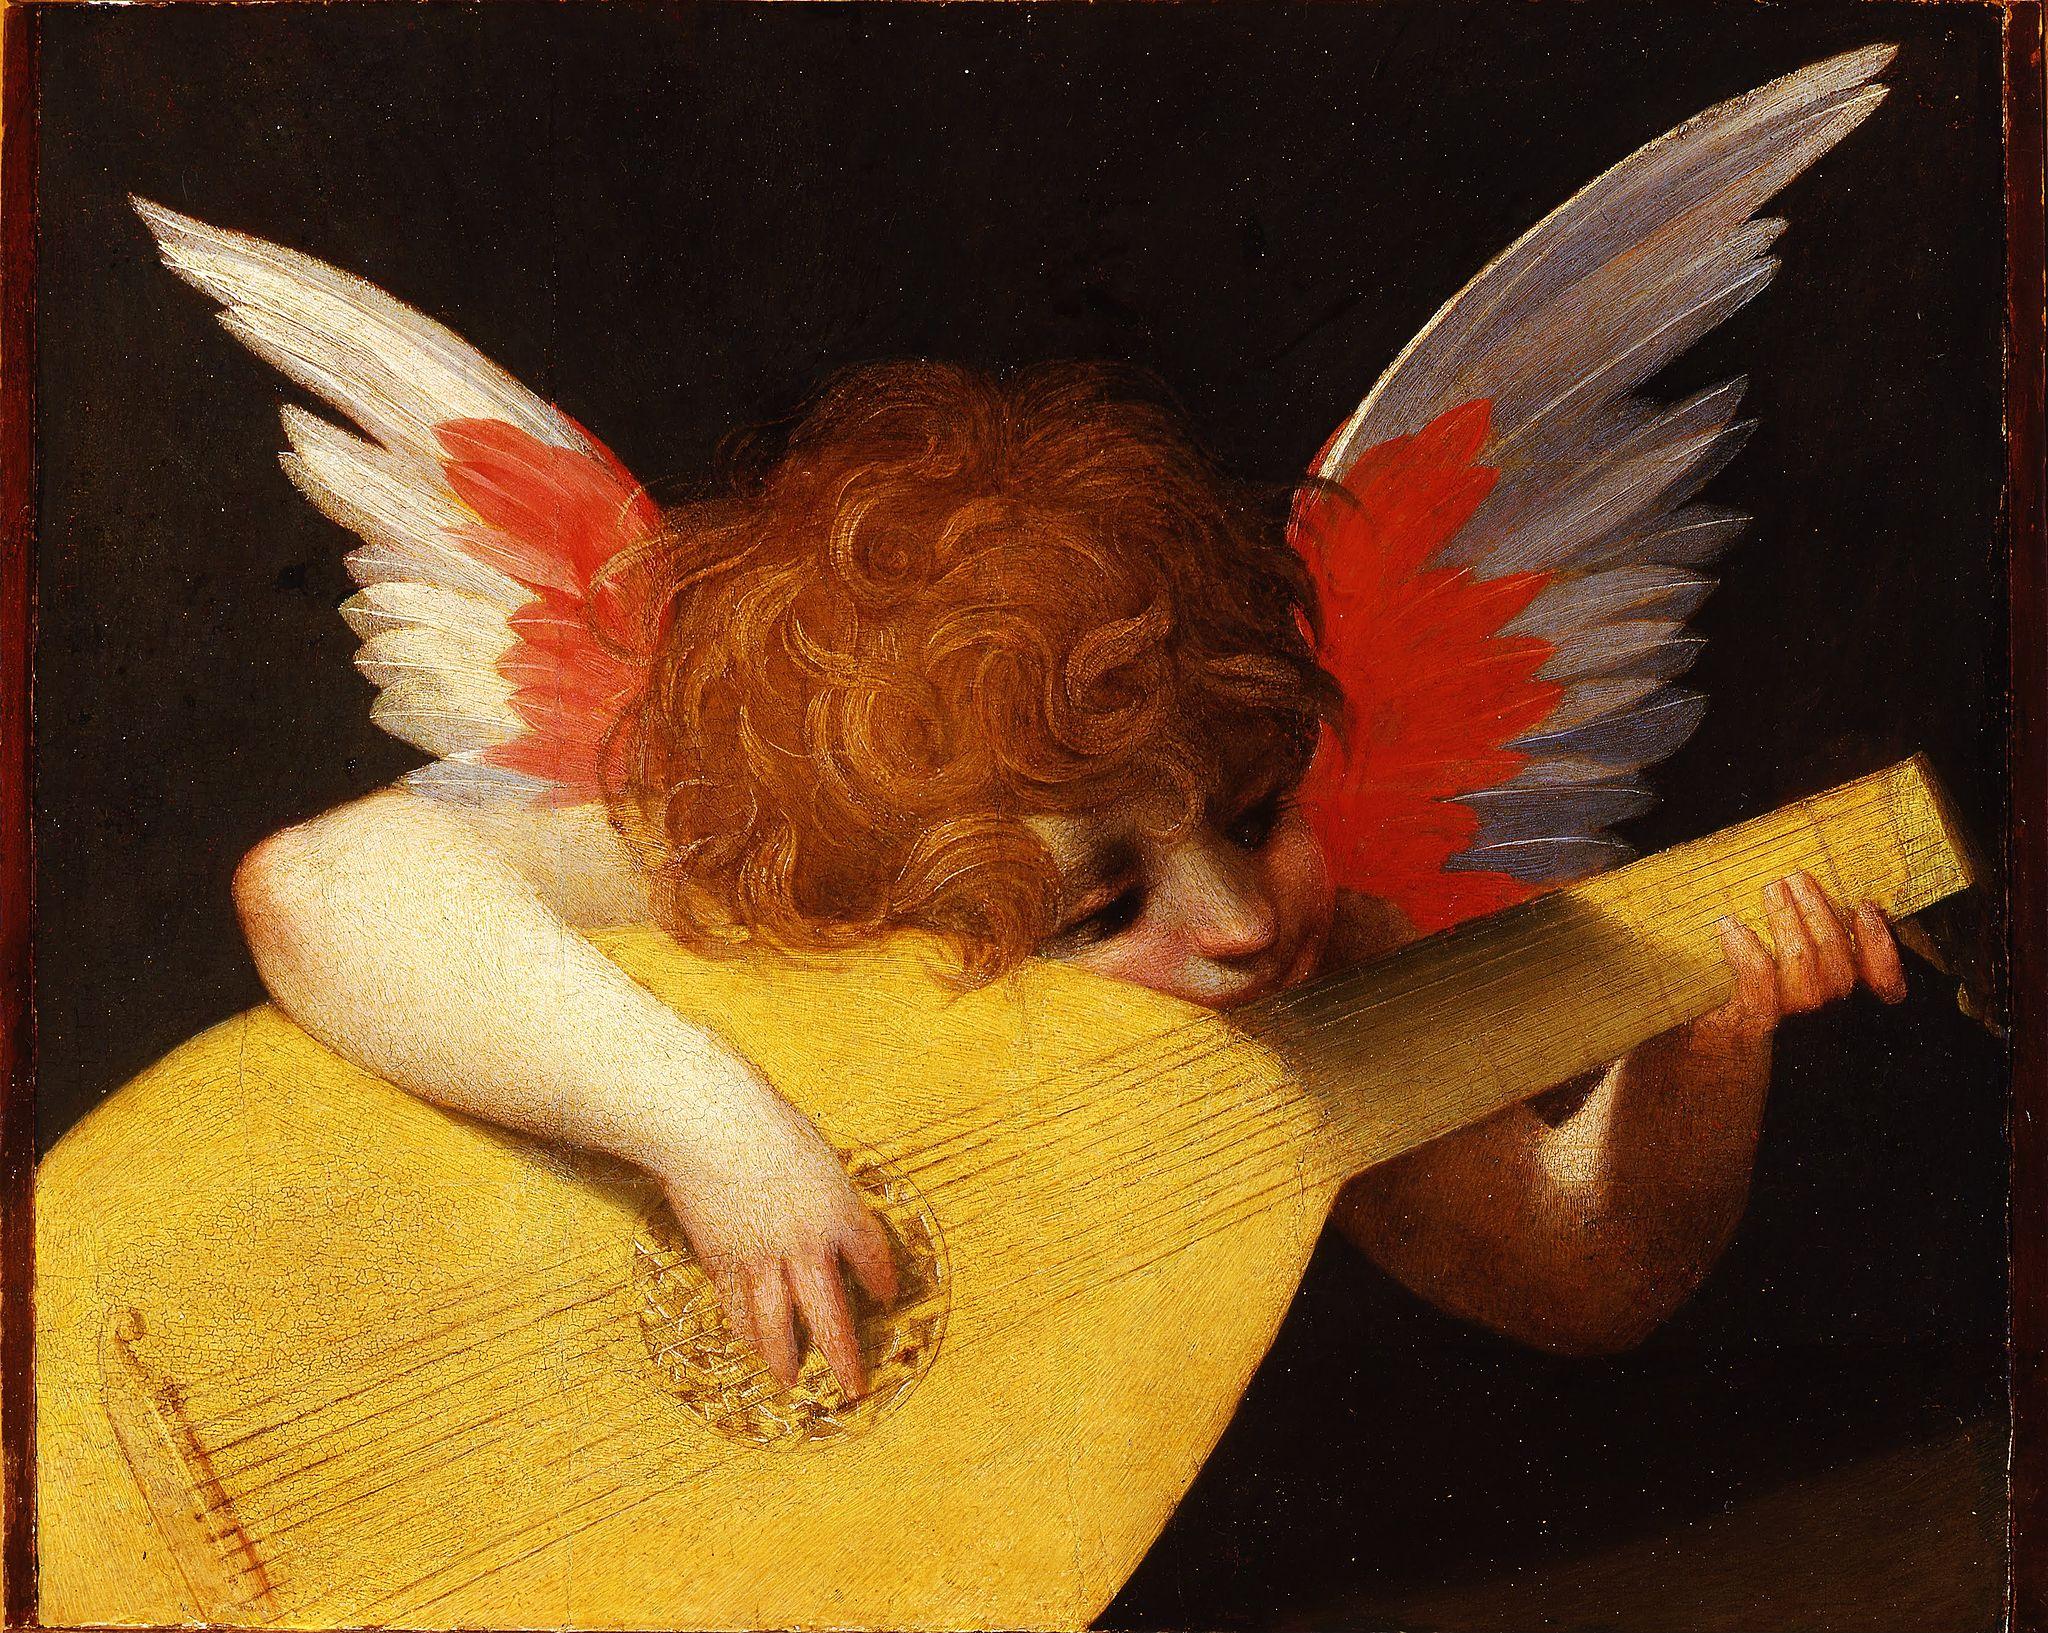 Rosso Fiorentino (1494–1540), Putto che suona, 1518, olio su tavola, 172 cm x 141 cm, Uffizi, Firenze